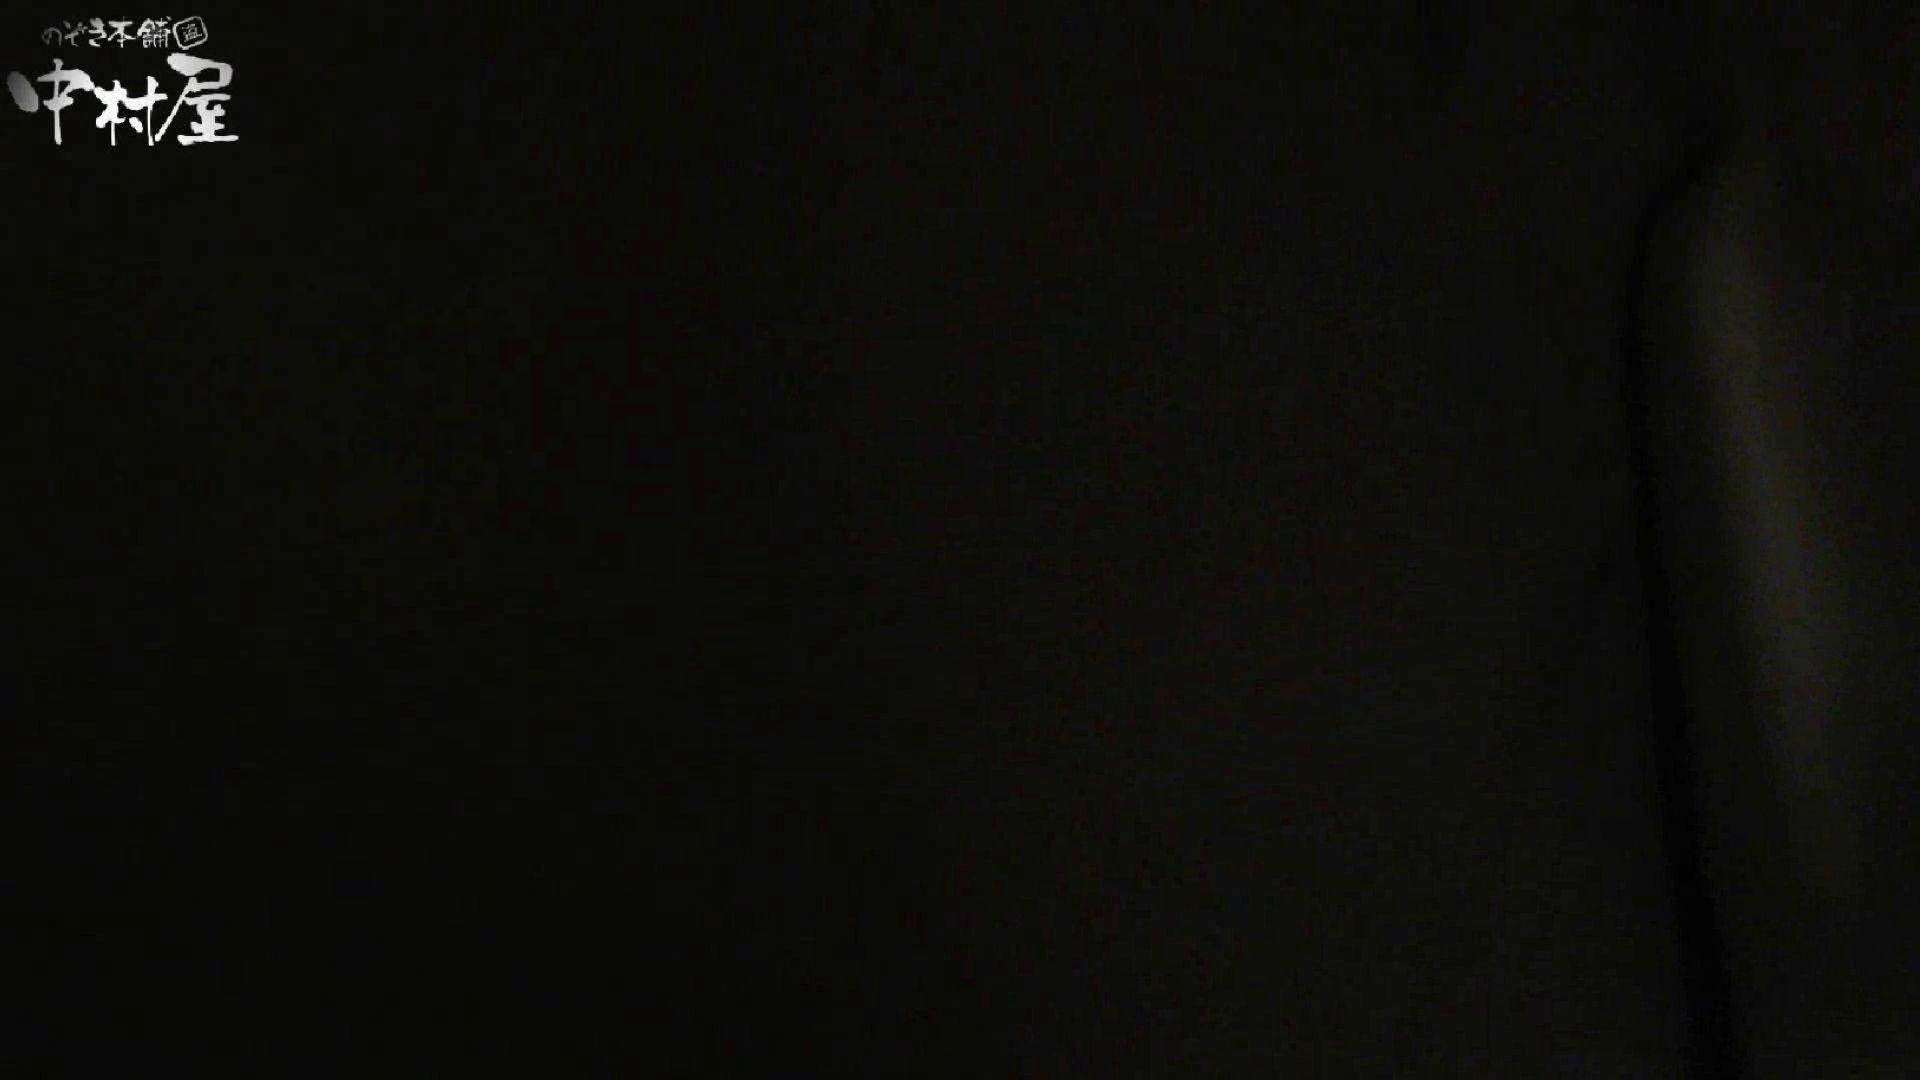 部活女子トイレ潜入編vol.5 美しいOLの裸体 のぞき動画画像 107pic 67